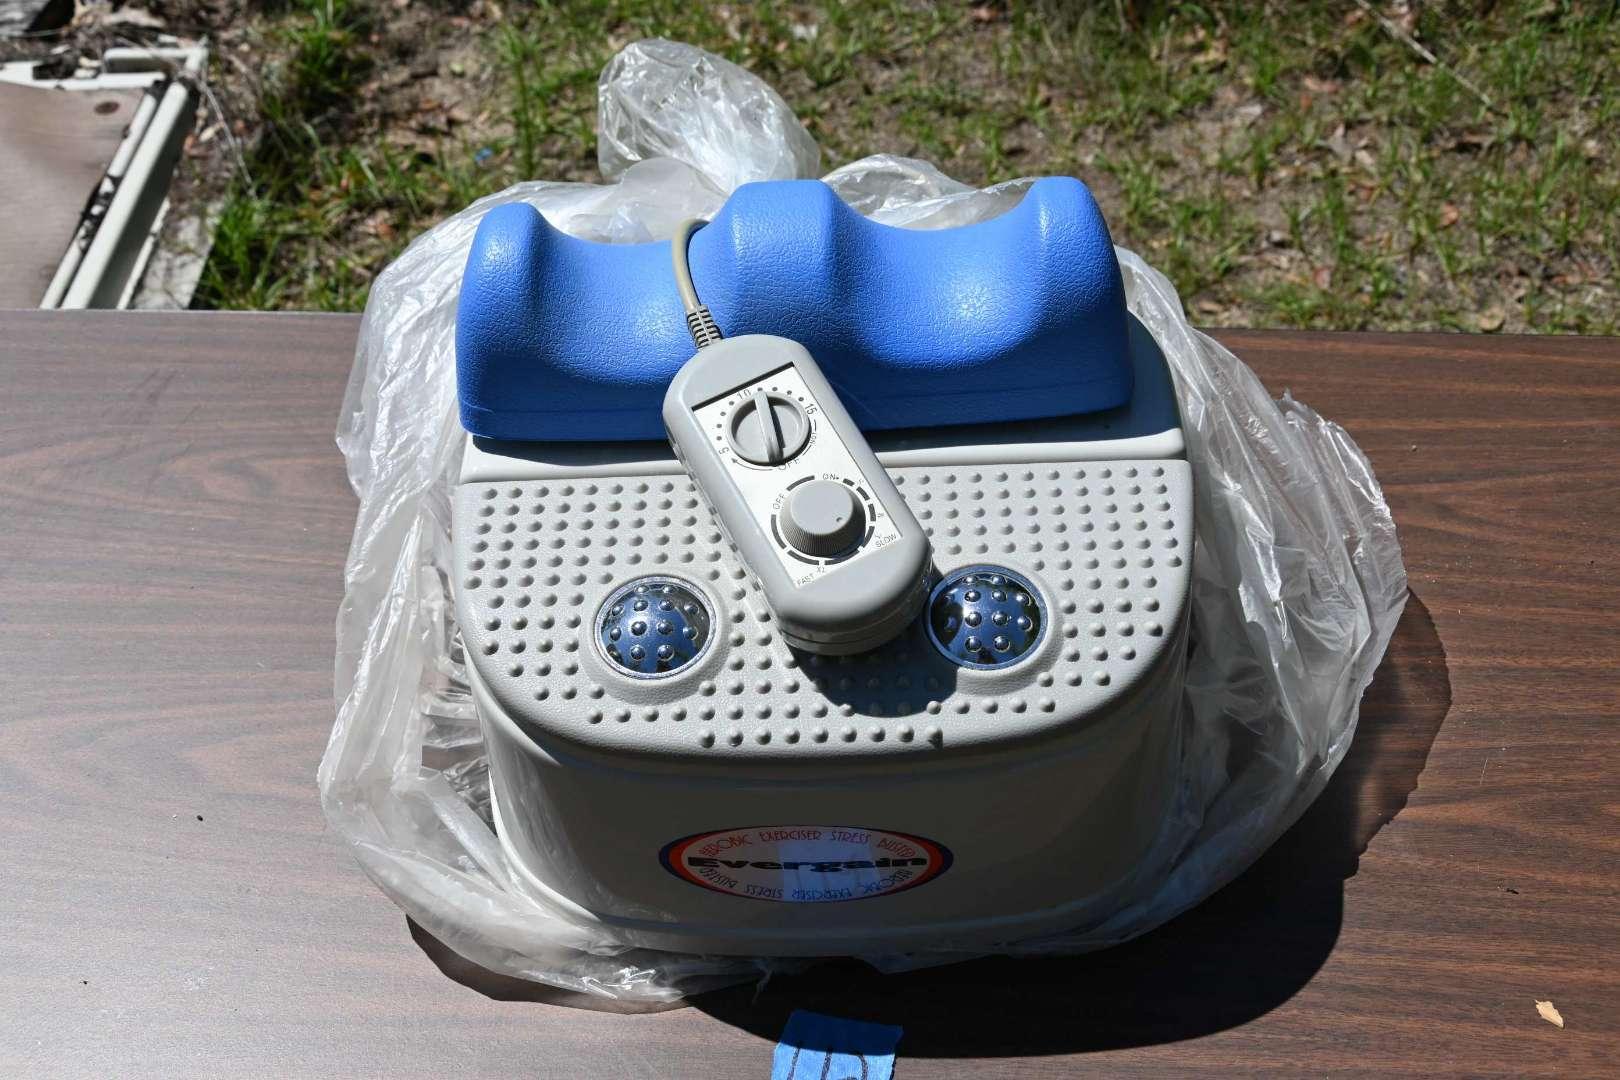 Lot # 112 Evergain Aerobic Exerciser Stress Buster leg & foot CN-305DL HEAT & massager